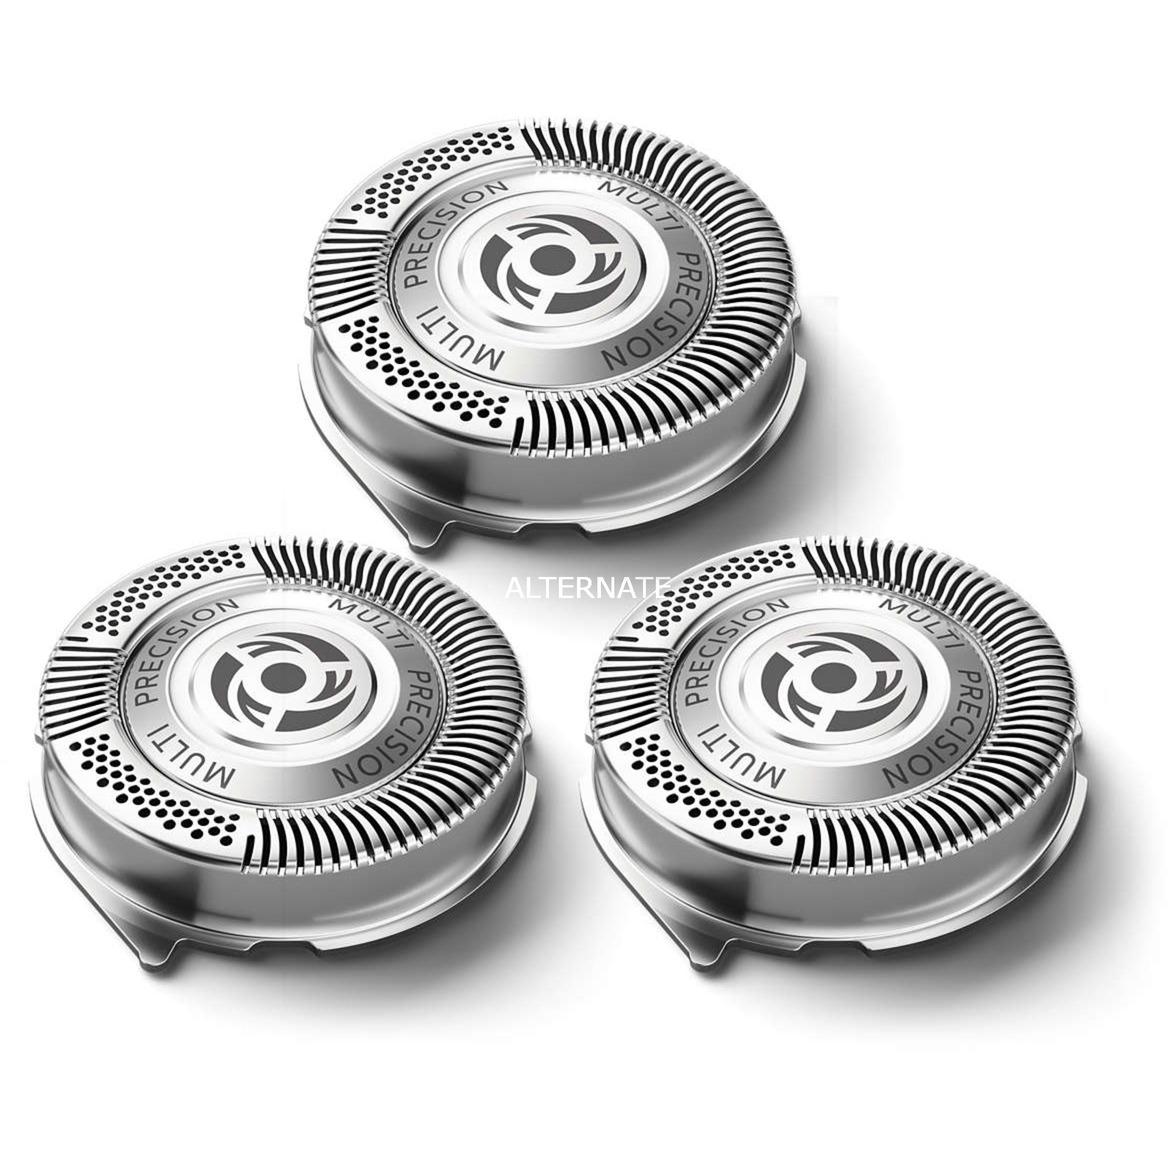 SHAVER Series 5000 Cabezales de afeitado SH50/50, Cabezal de afeitado